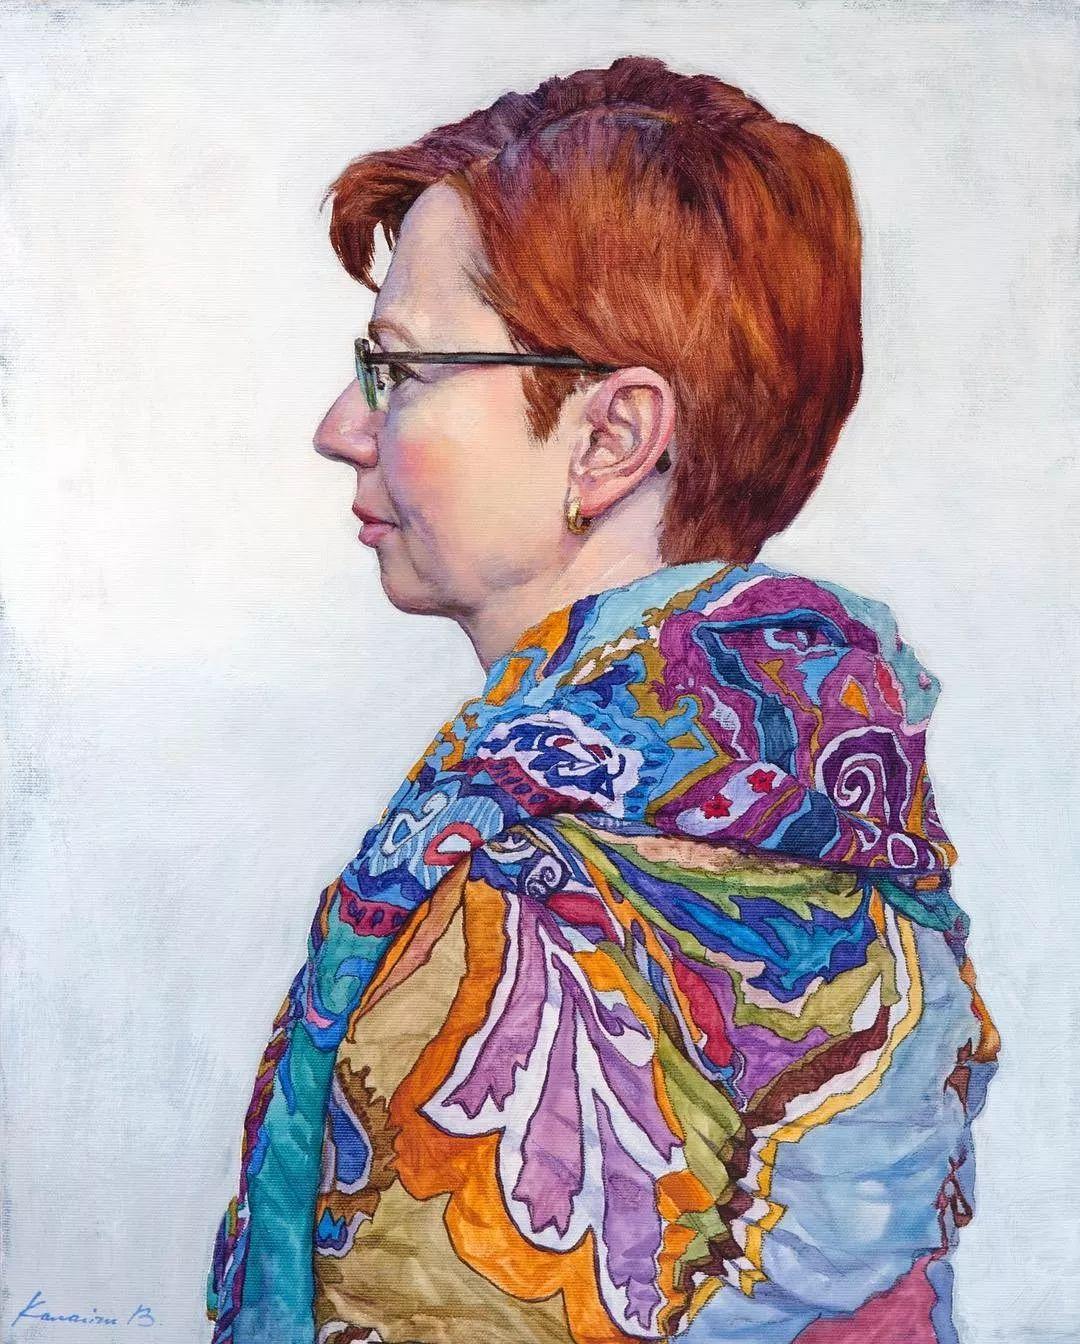 油画居然画得这么鲜艳?俄罗斯Victoria Kalaichi插图18